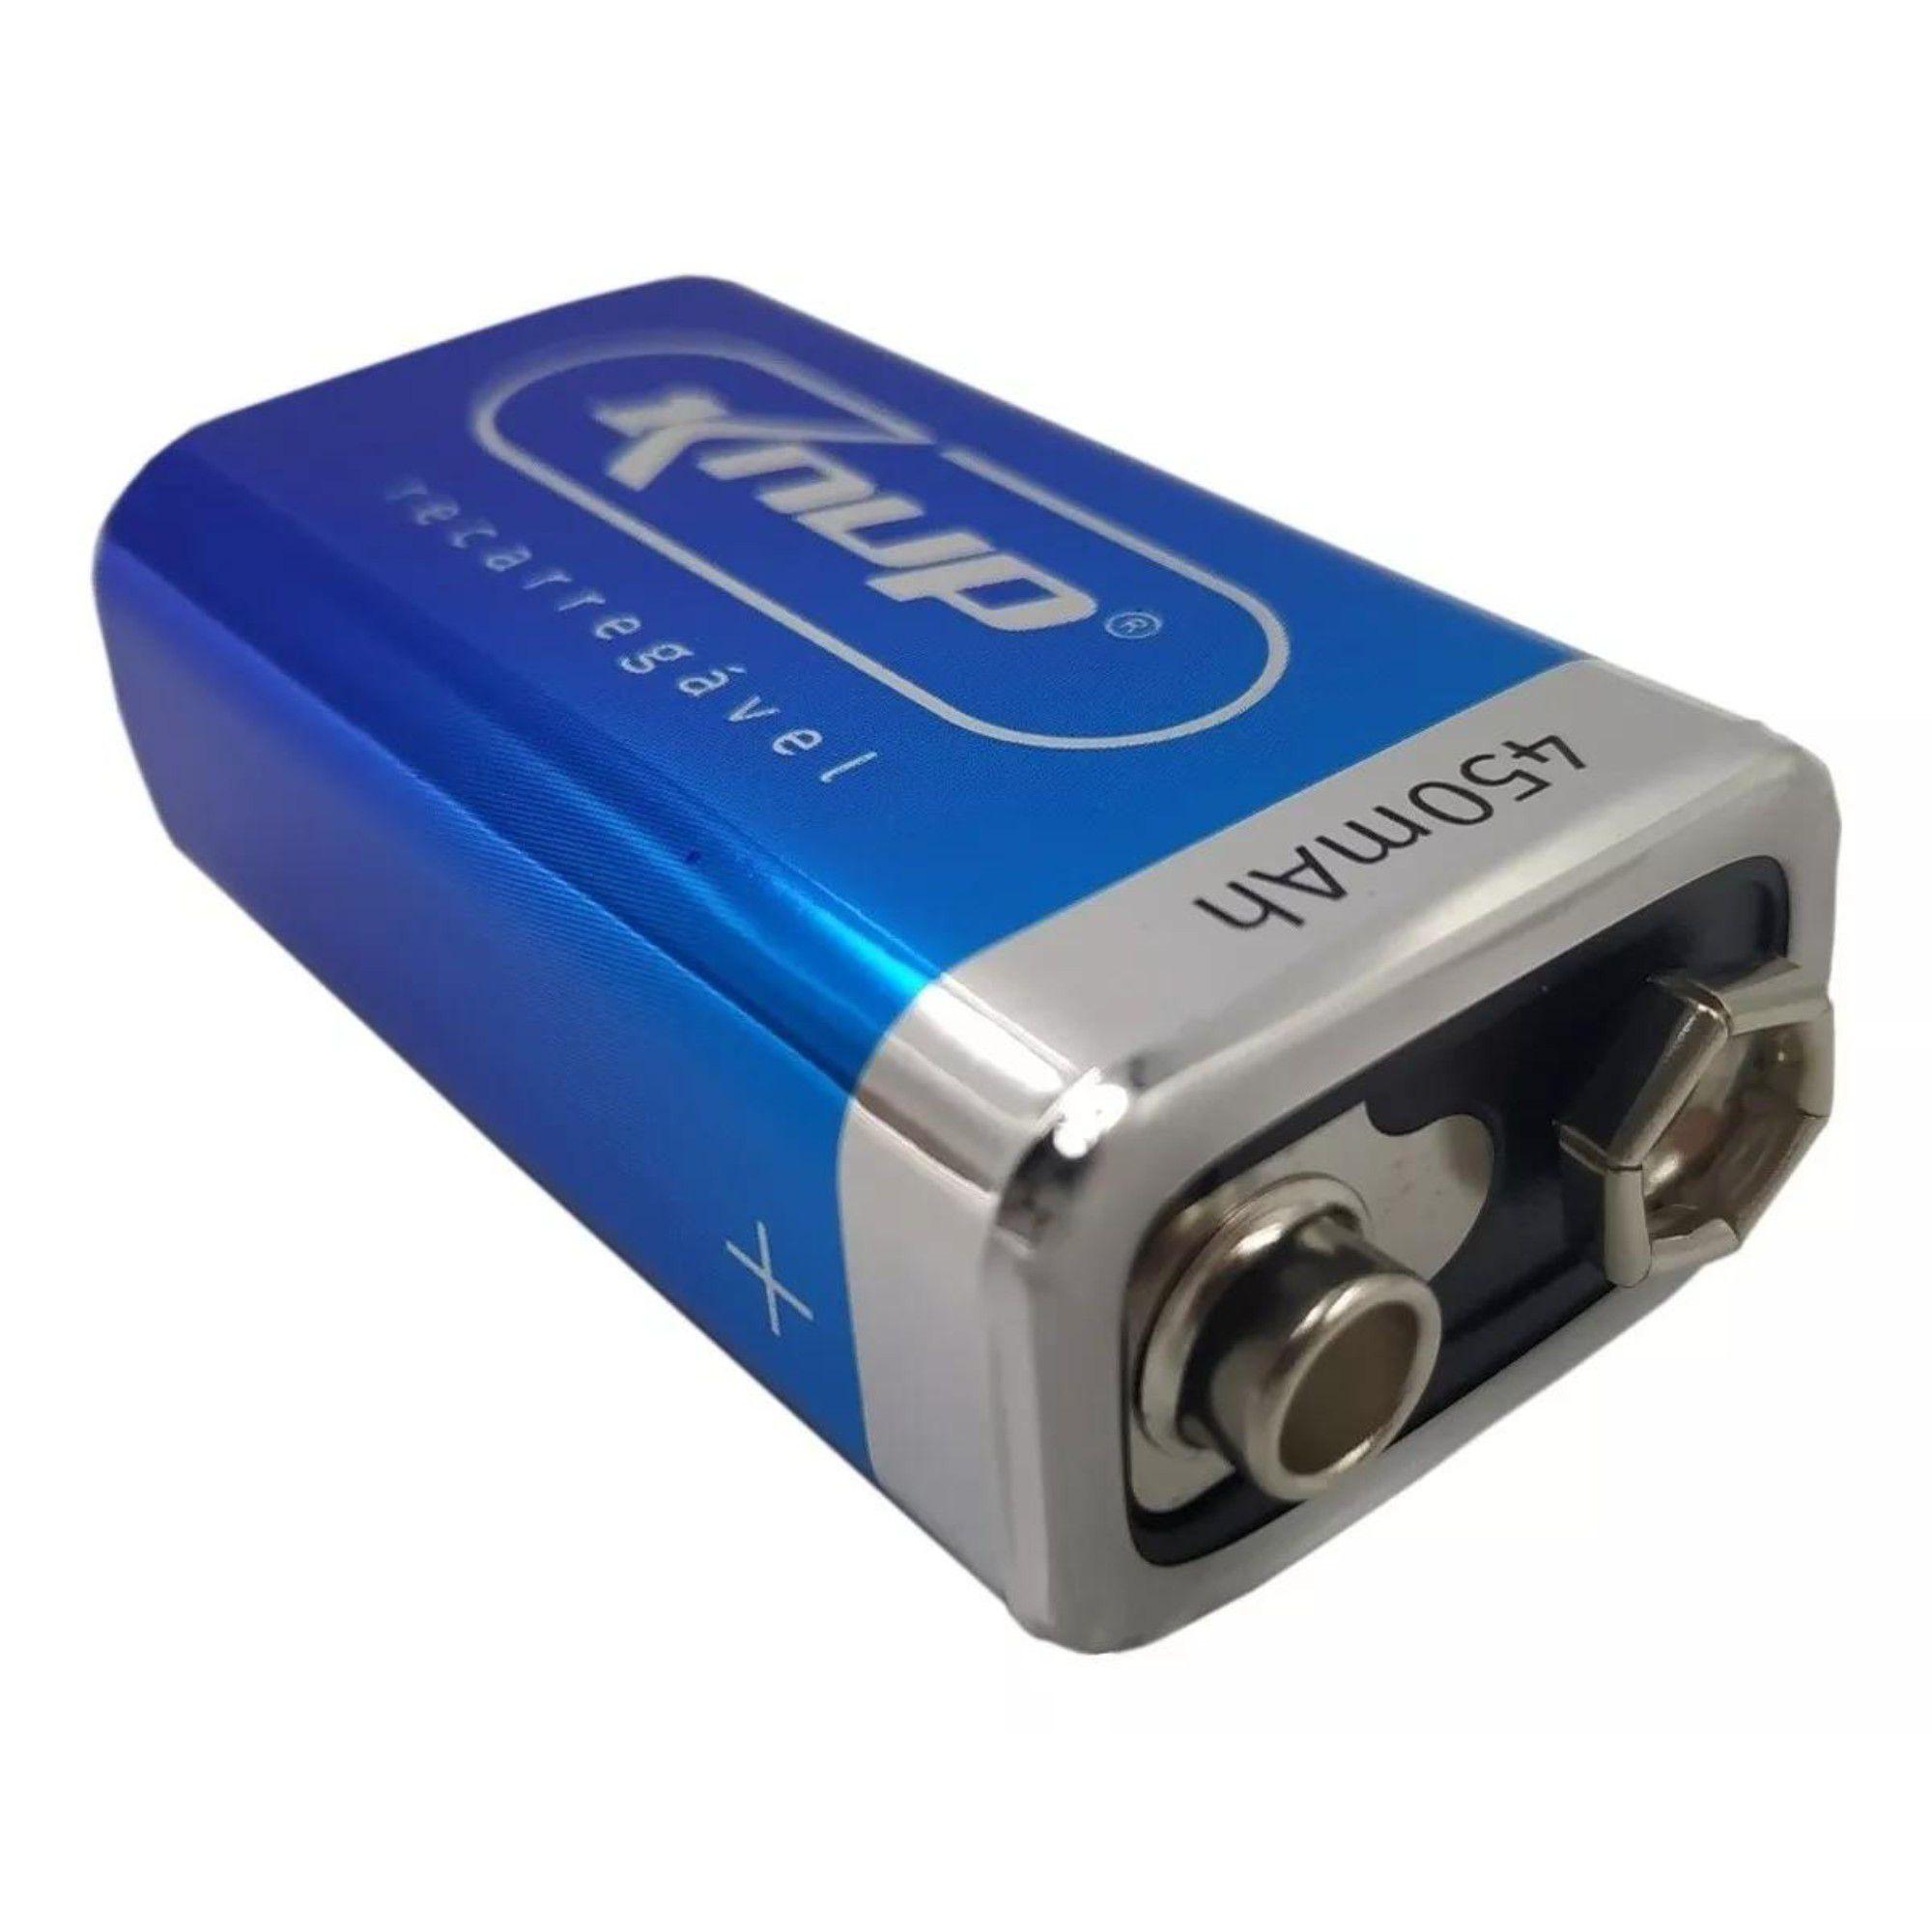 Bateria 9v recarregável 240ma